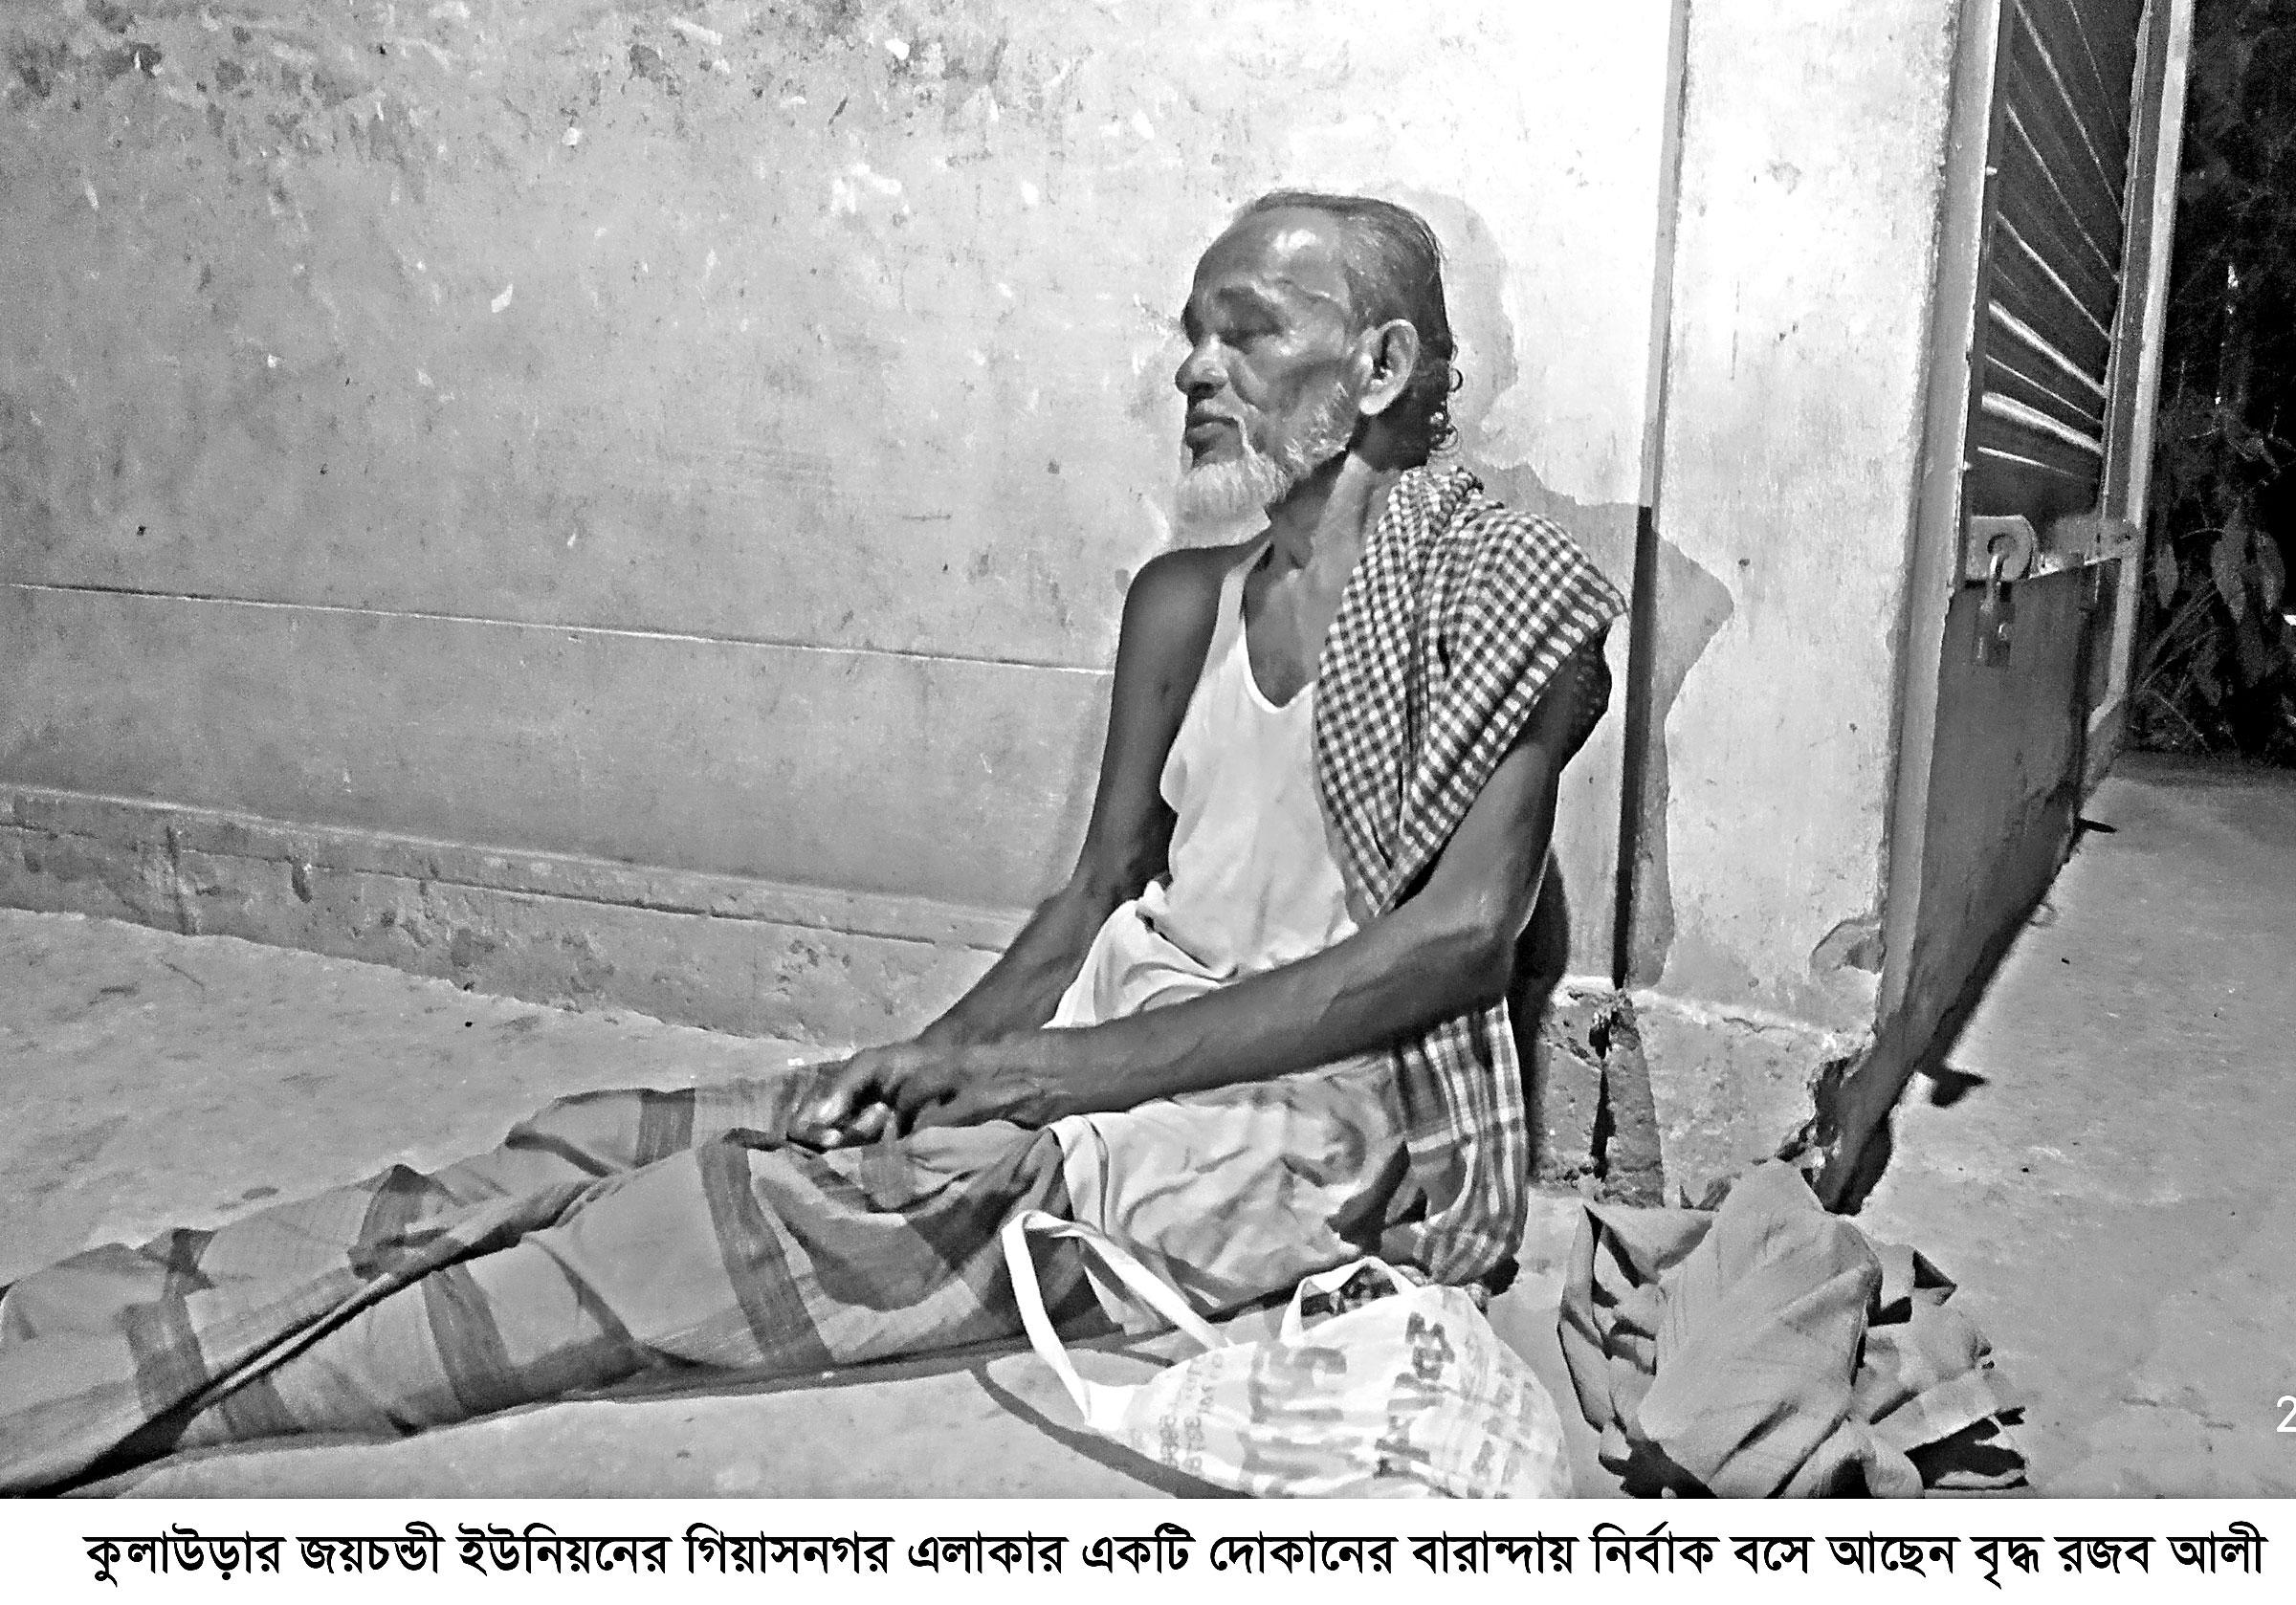 দোকানের বারান্দাতেই রাত কাটে রজব আলীর